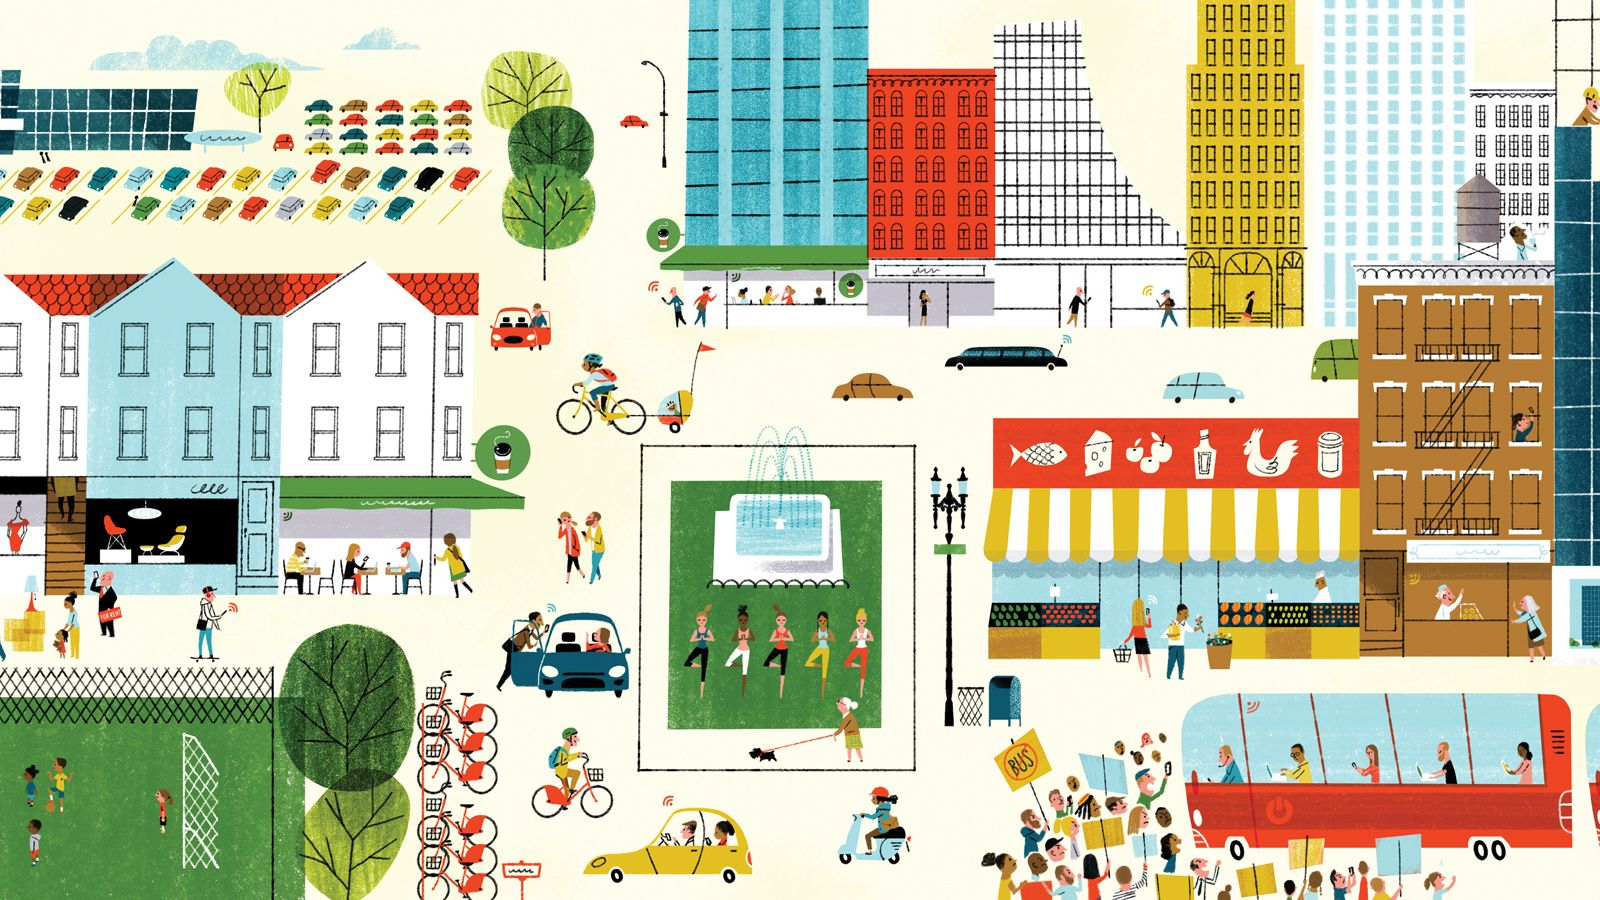 スタートアップの聖地で 深刻化する都市問題 解決のための3つの処方箋